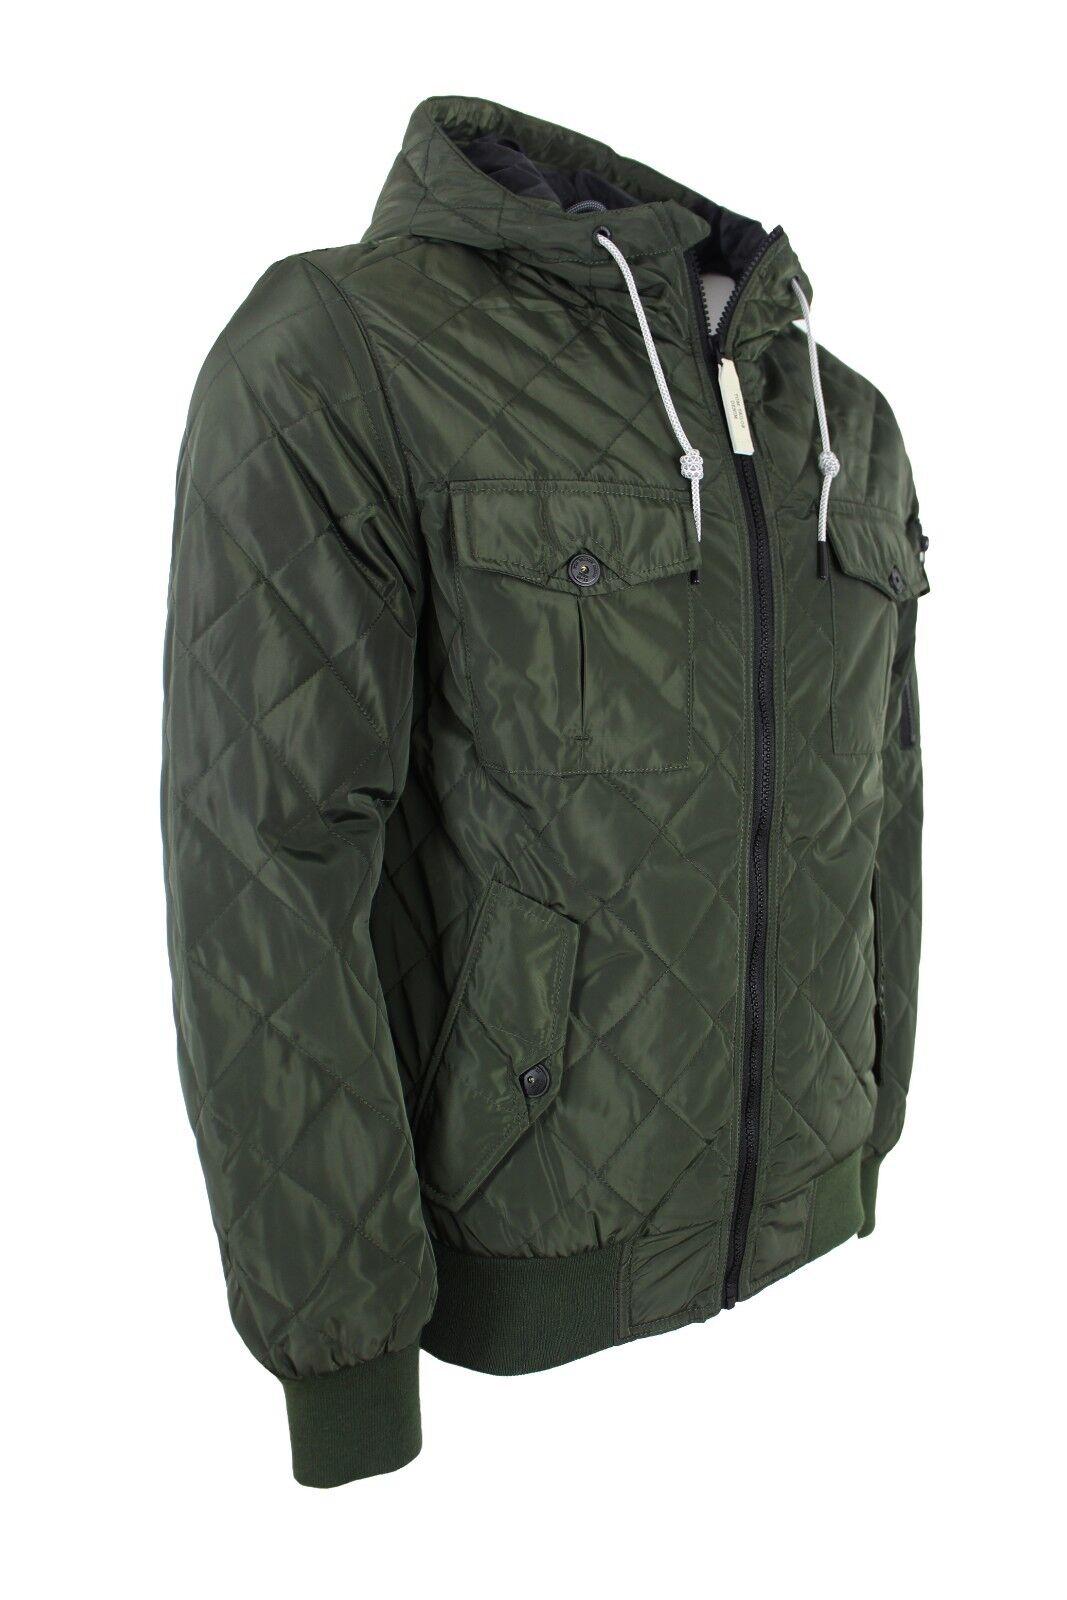 Tom Tailor Denim da Uomo Trapuntata Con TAGLIA Tasche-COLORE WOODLAND verde TAGLIA Con XL 162f8a